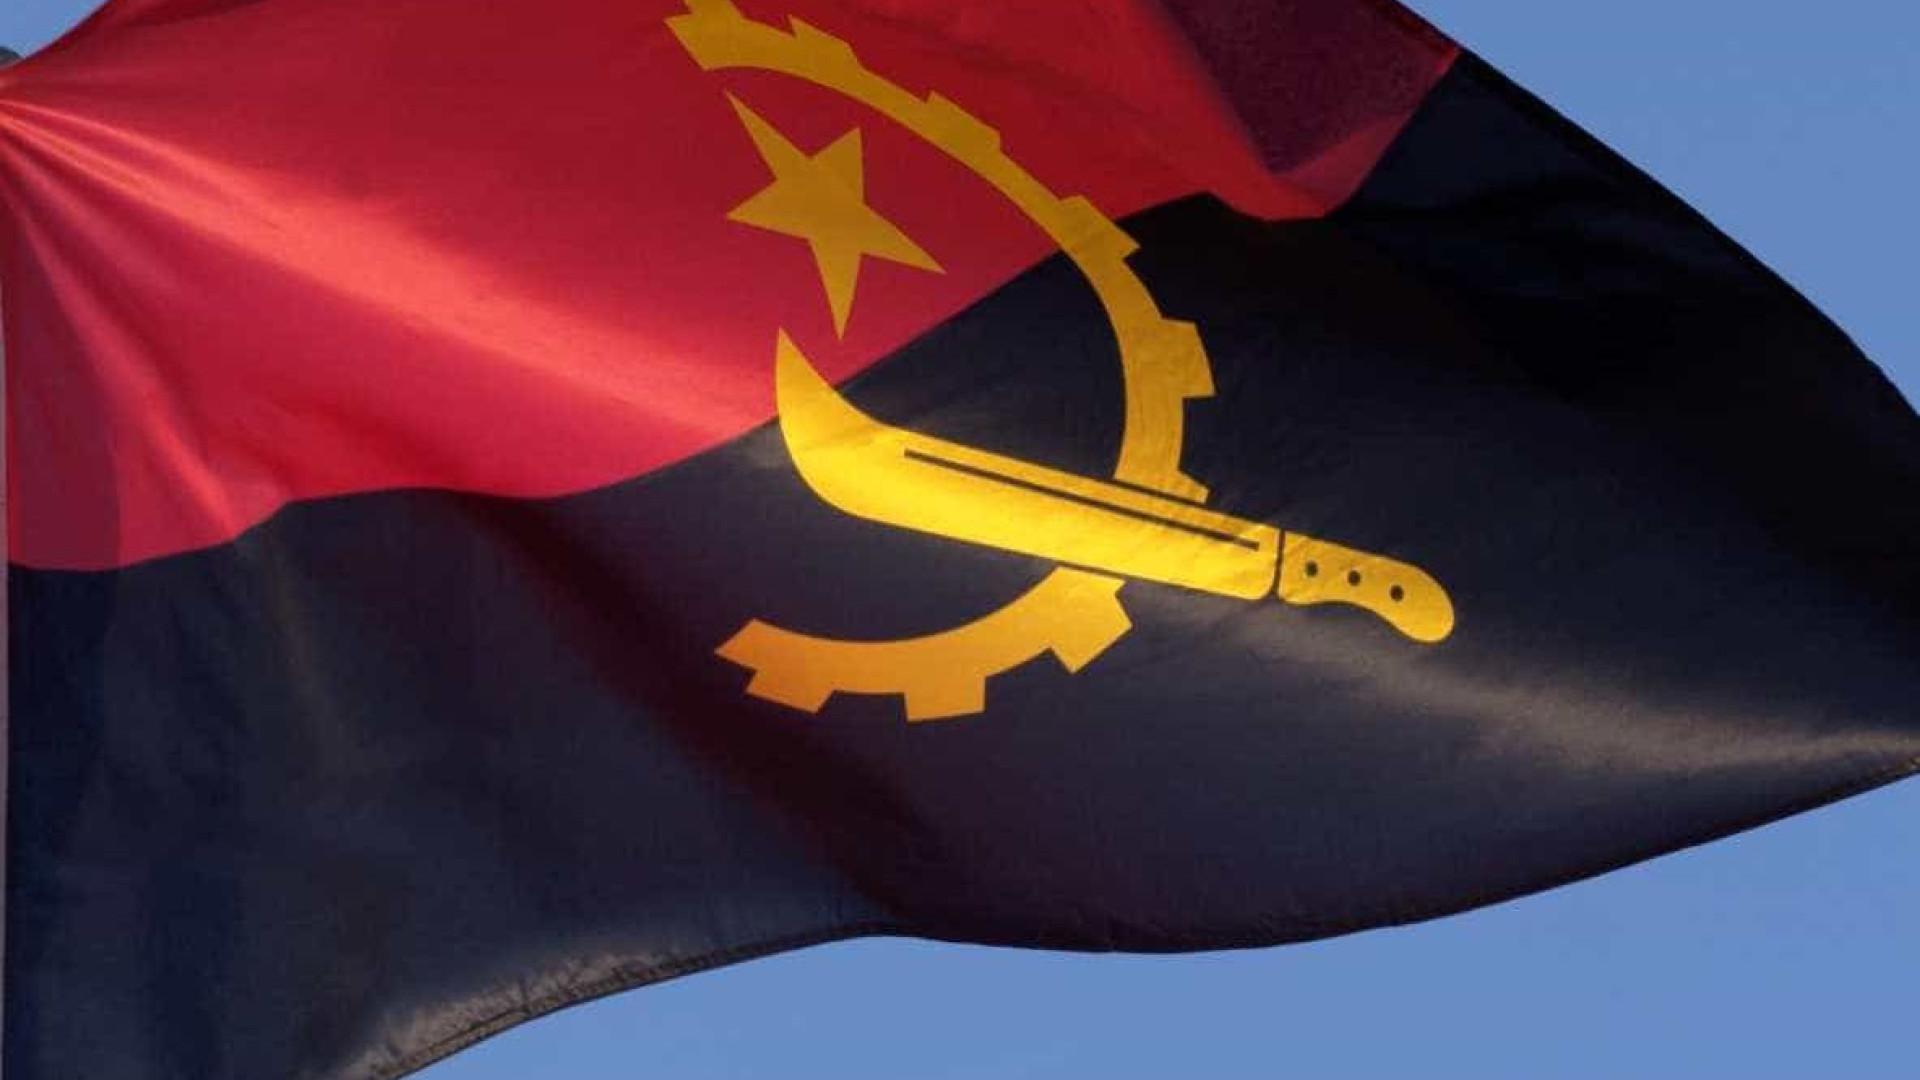 """Executivo de Angola representa """"fim de delapidação do erário público"""""""